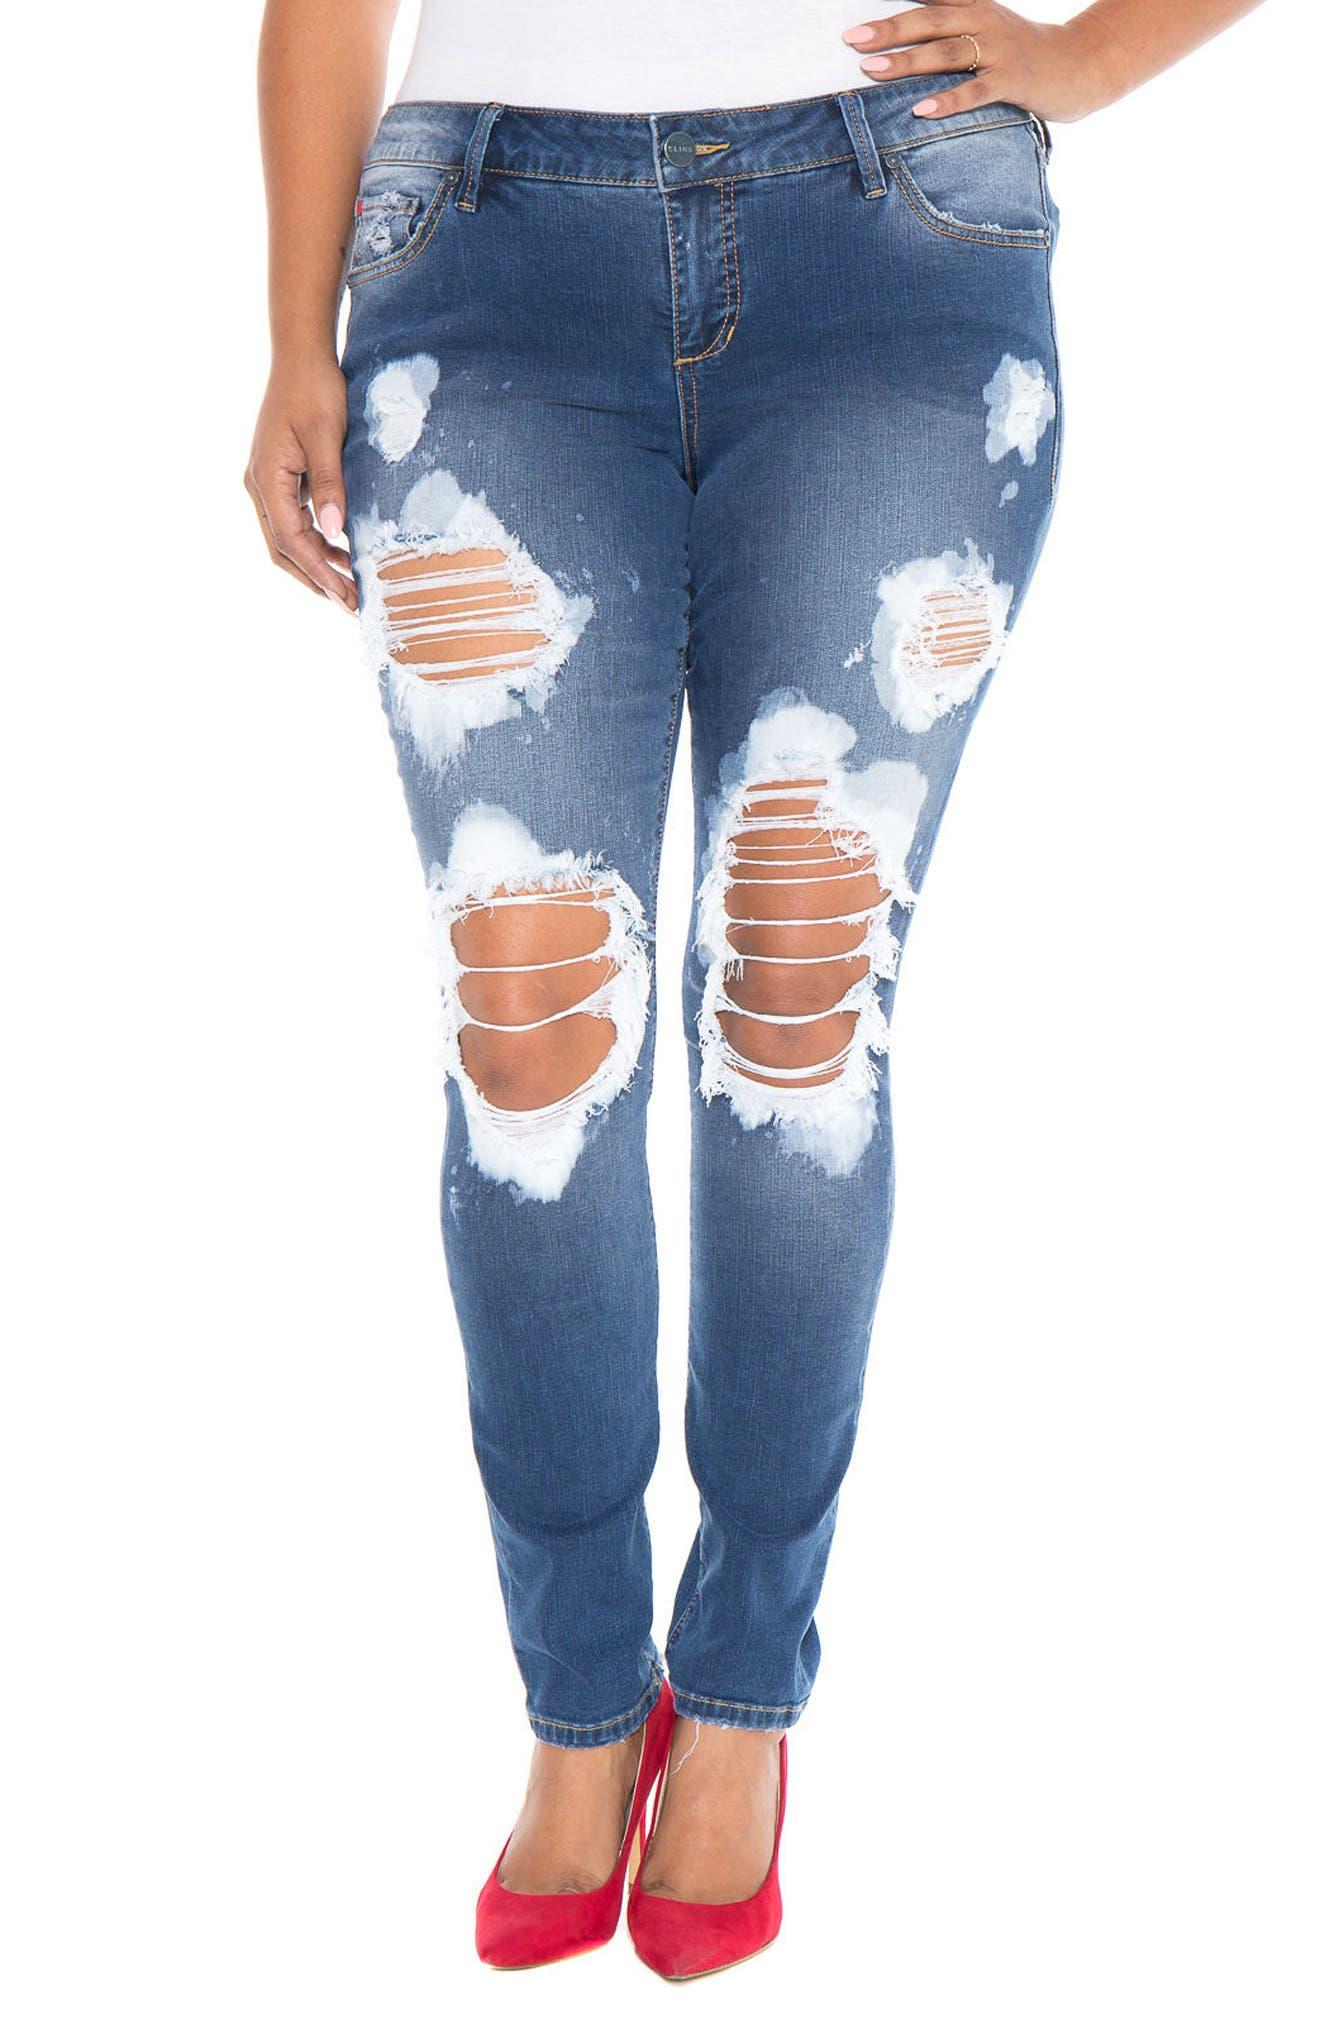 SLINK Destroyed Skinny Jeans,                         Main,                         color, Lola